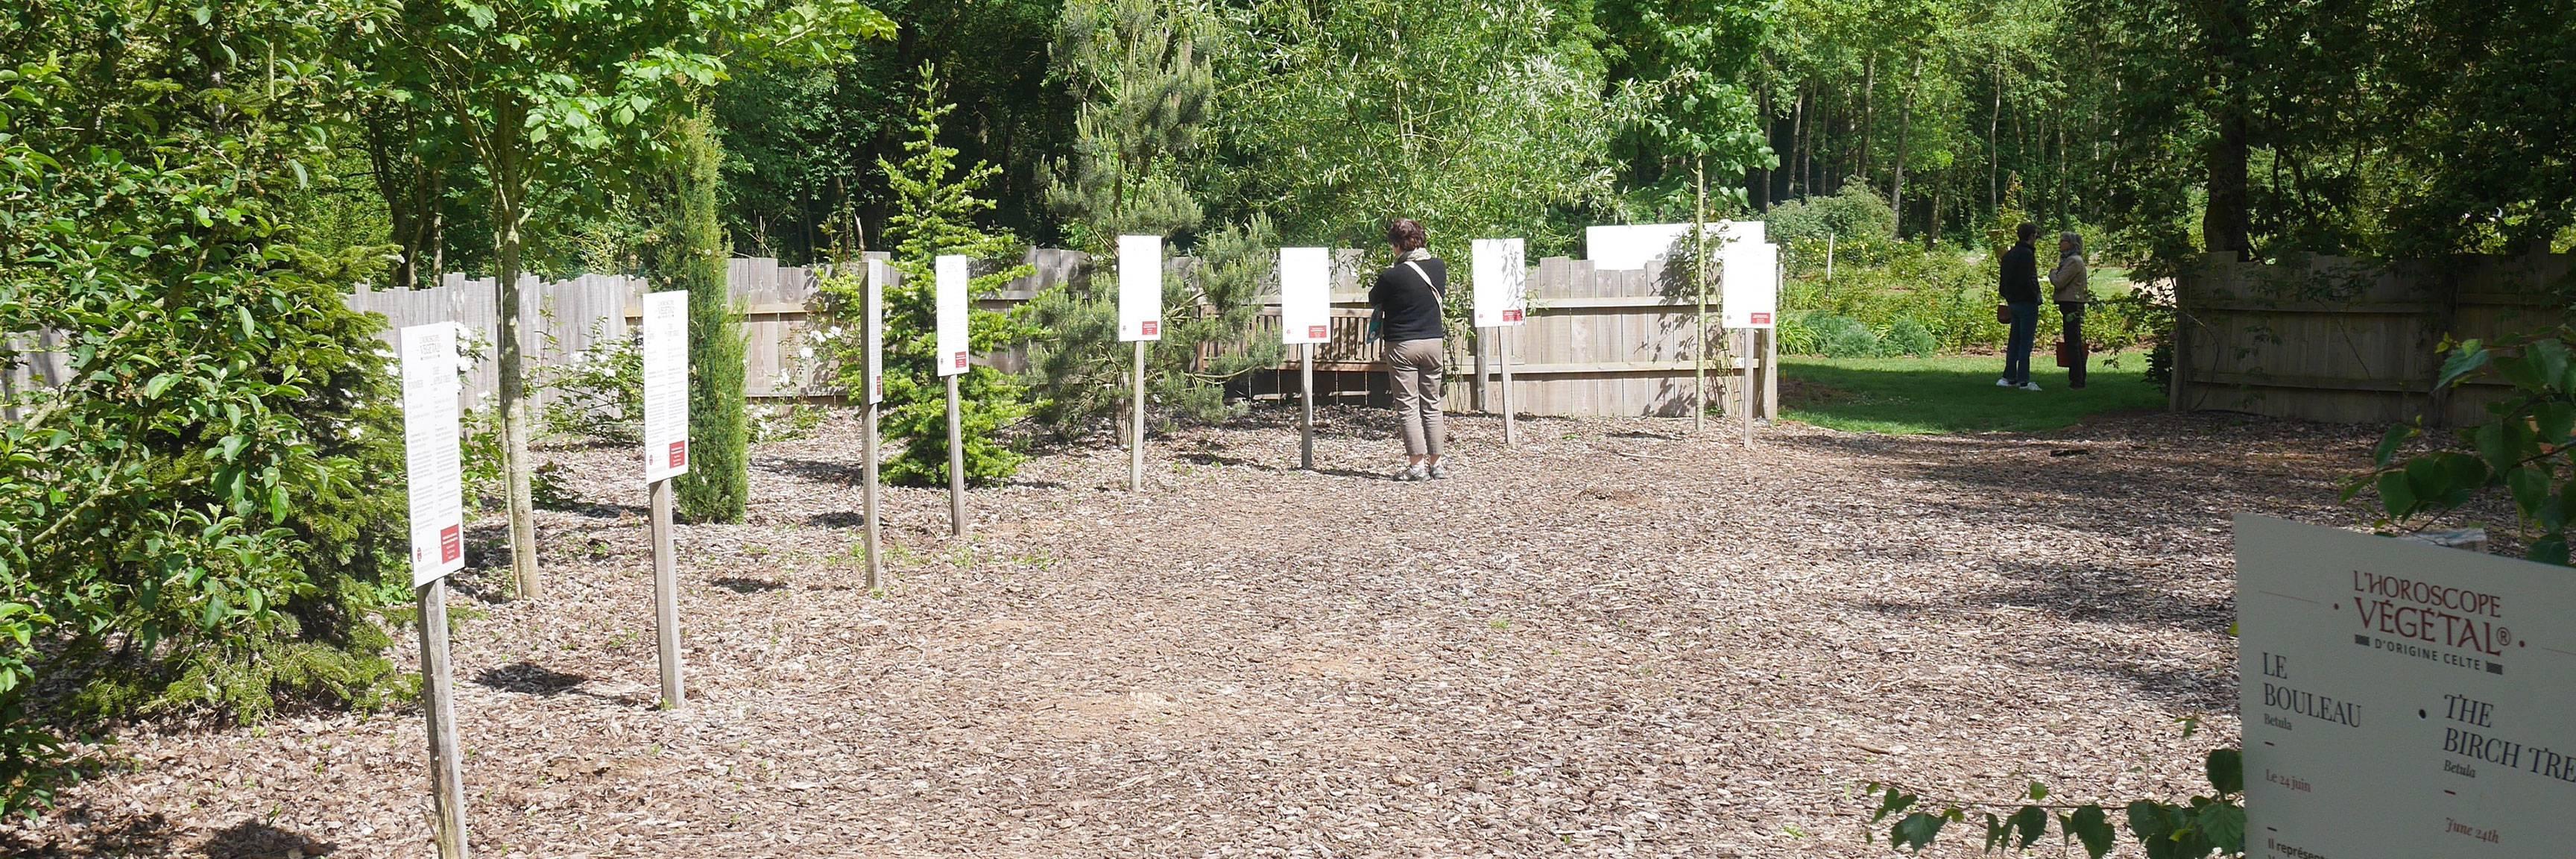 Découvrez l'horoscope végétal de la roseraie à Doué-la-Fontaine